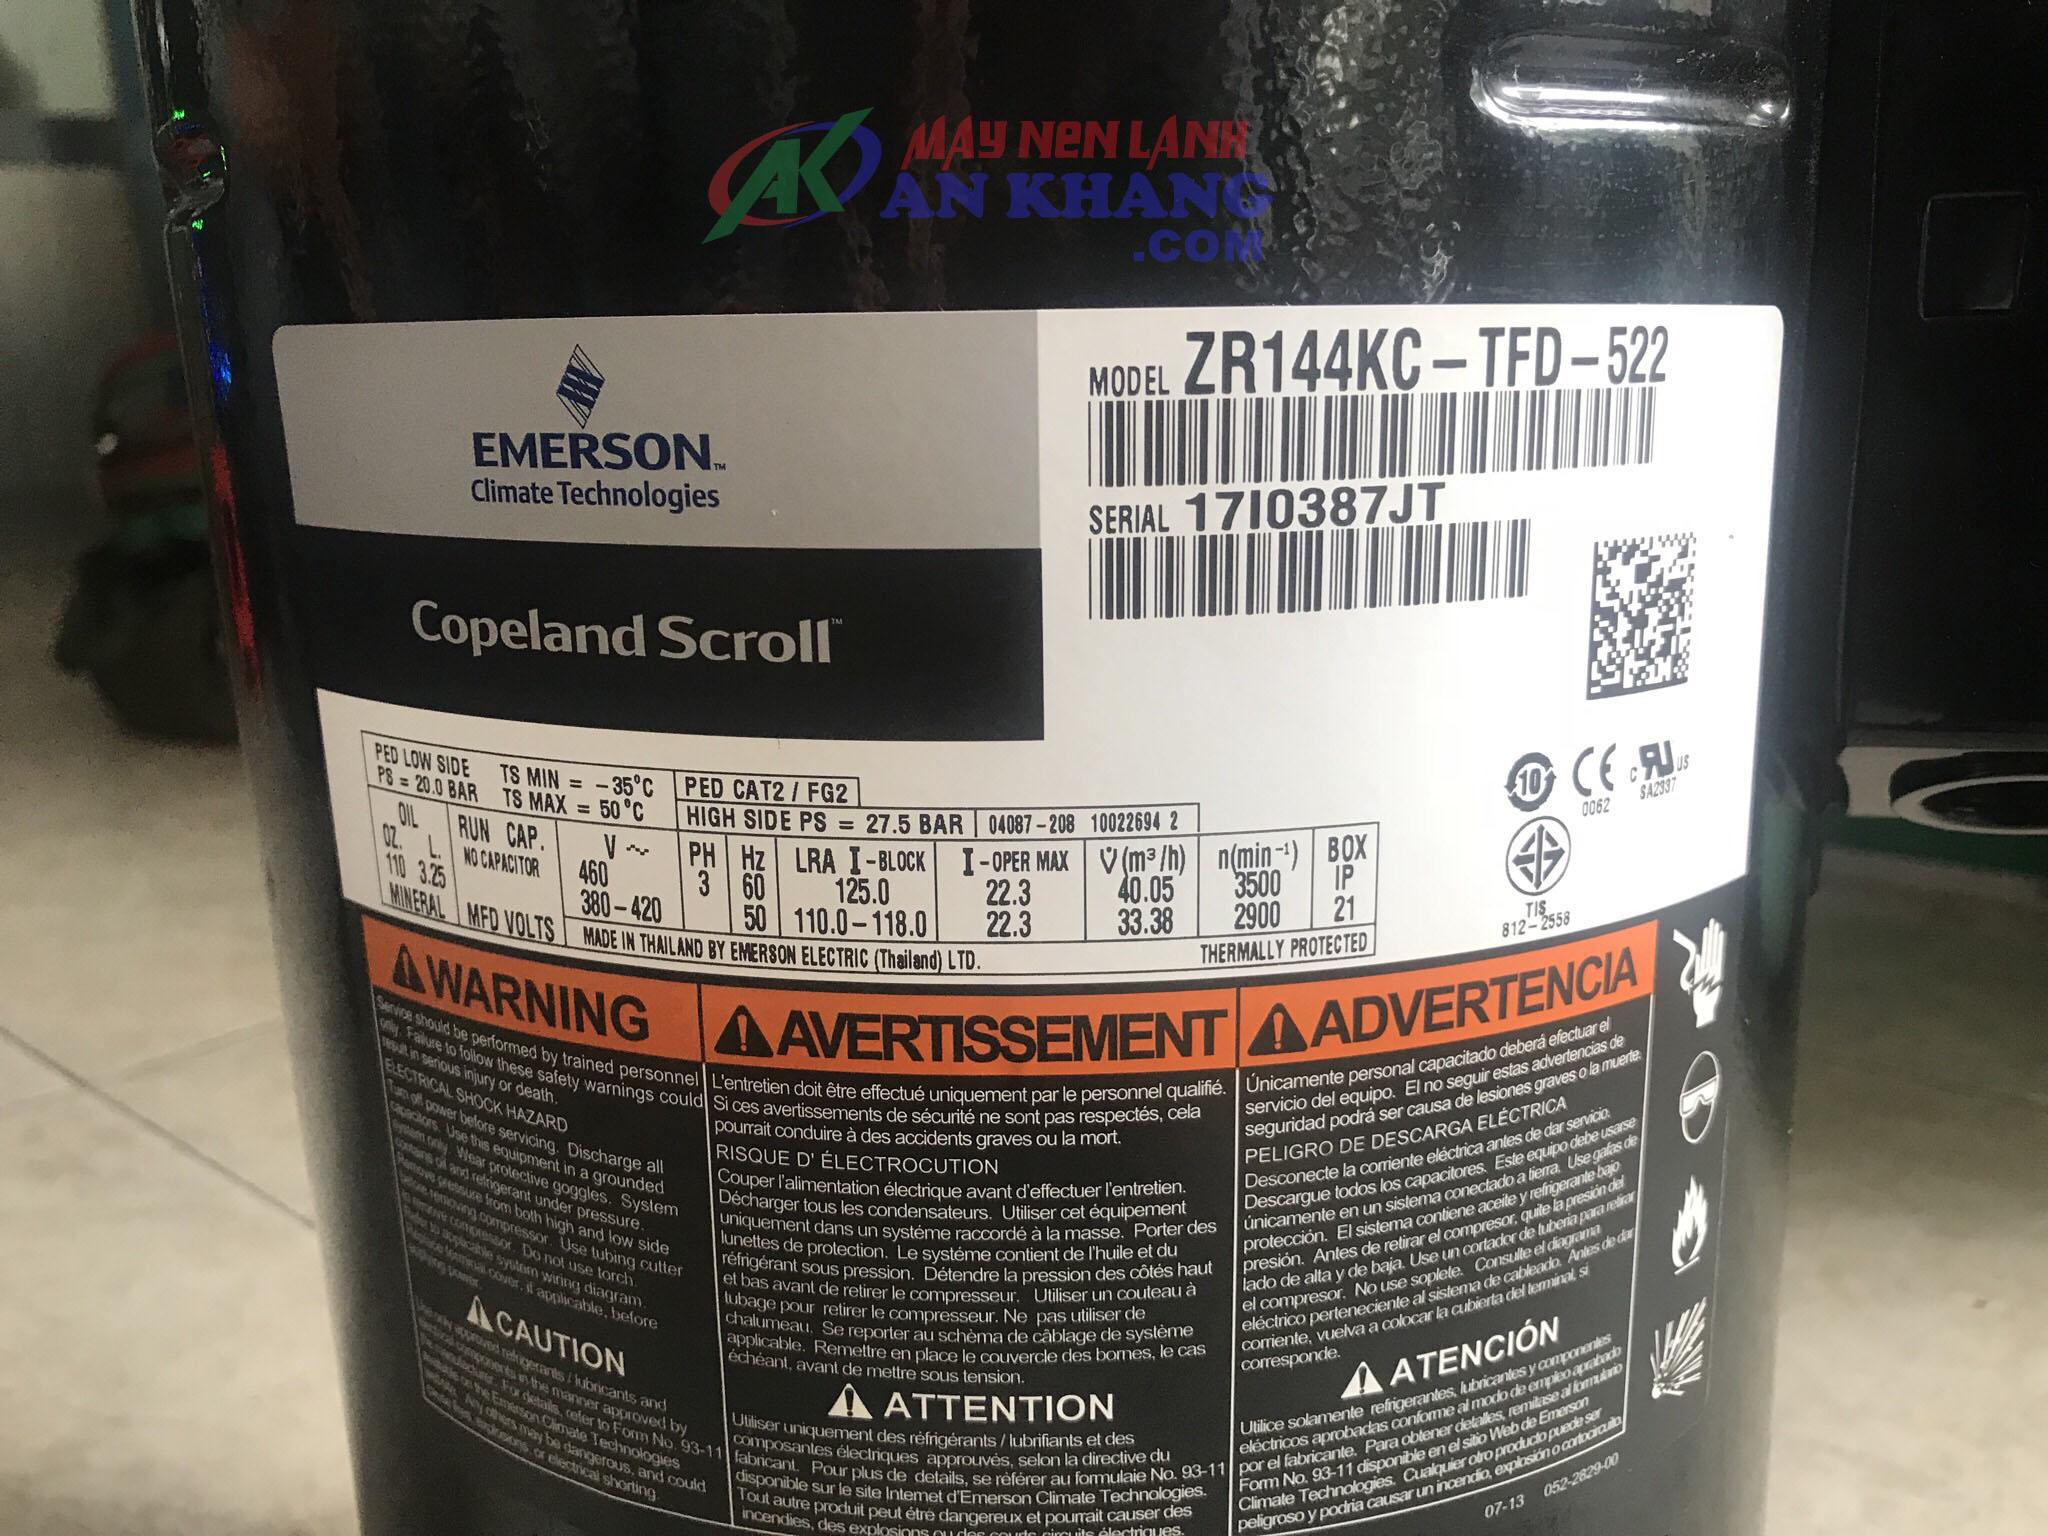 Chuyên cung cấp máy nén Copeland 12hp ZR144KC-TFD-522 giá ưu đãi, giao hàng nhanh tại TPHCM